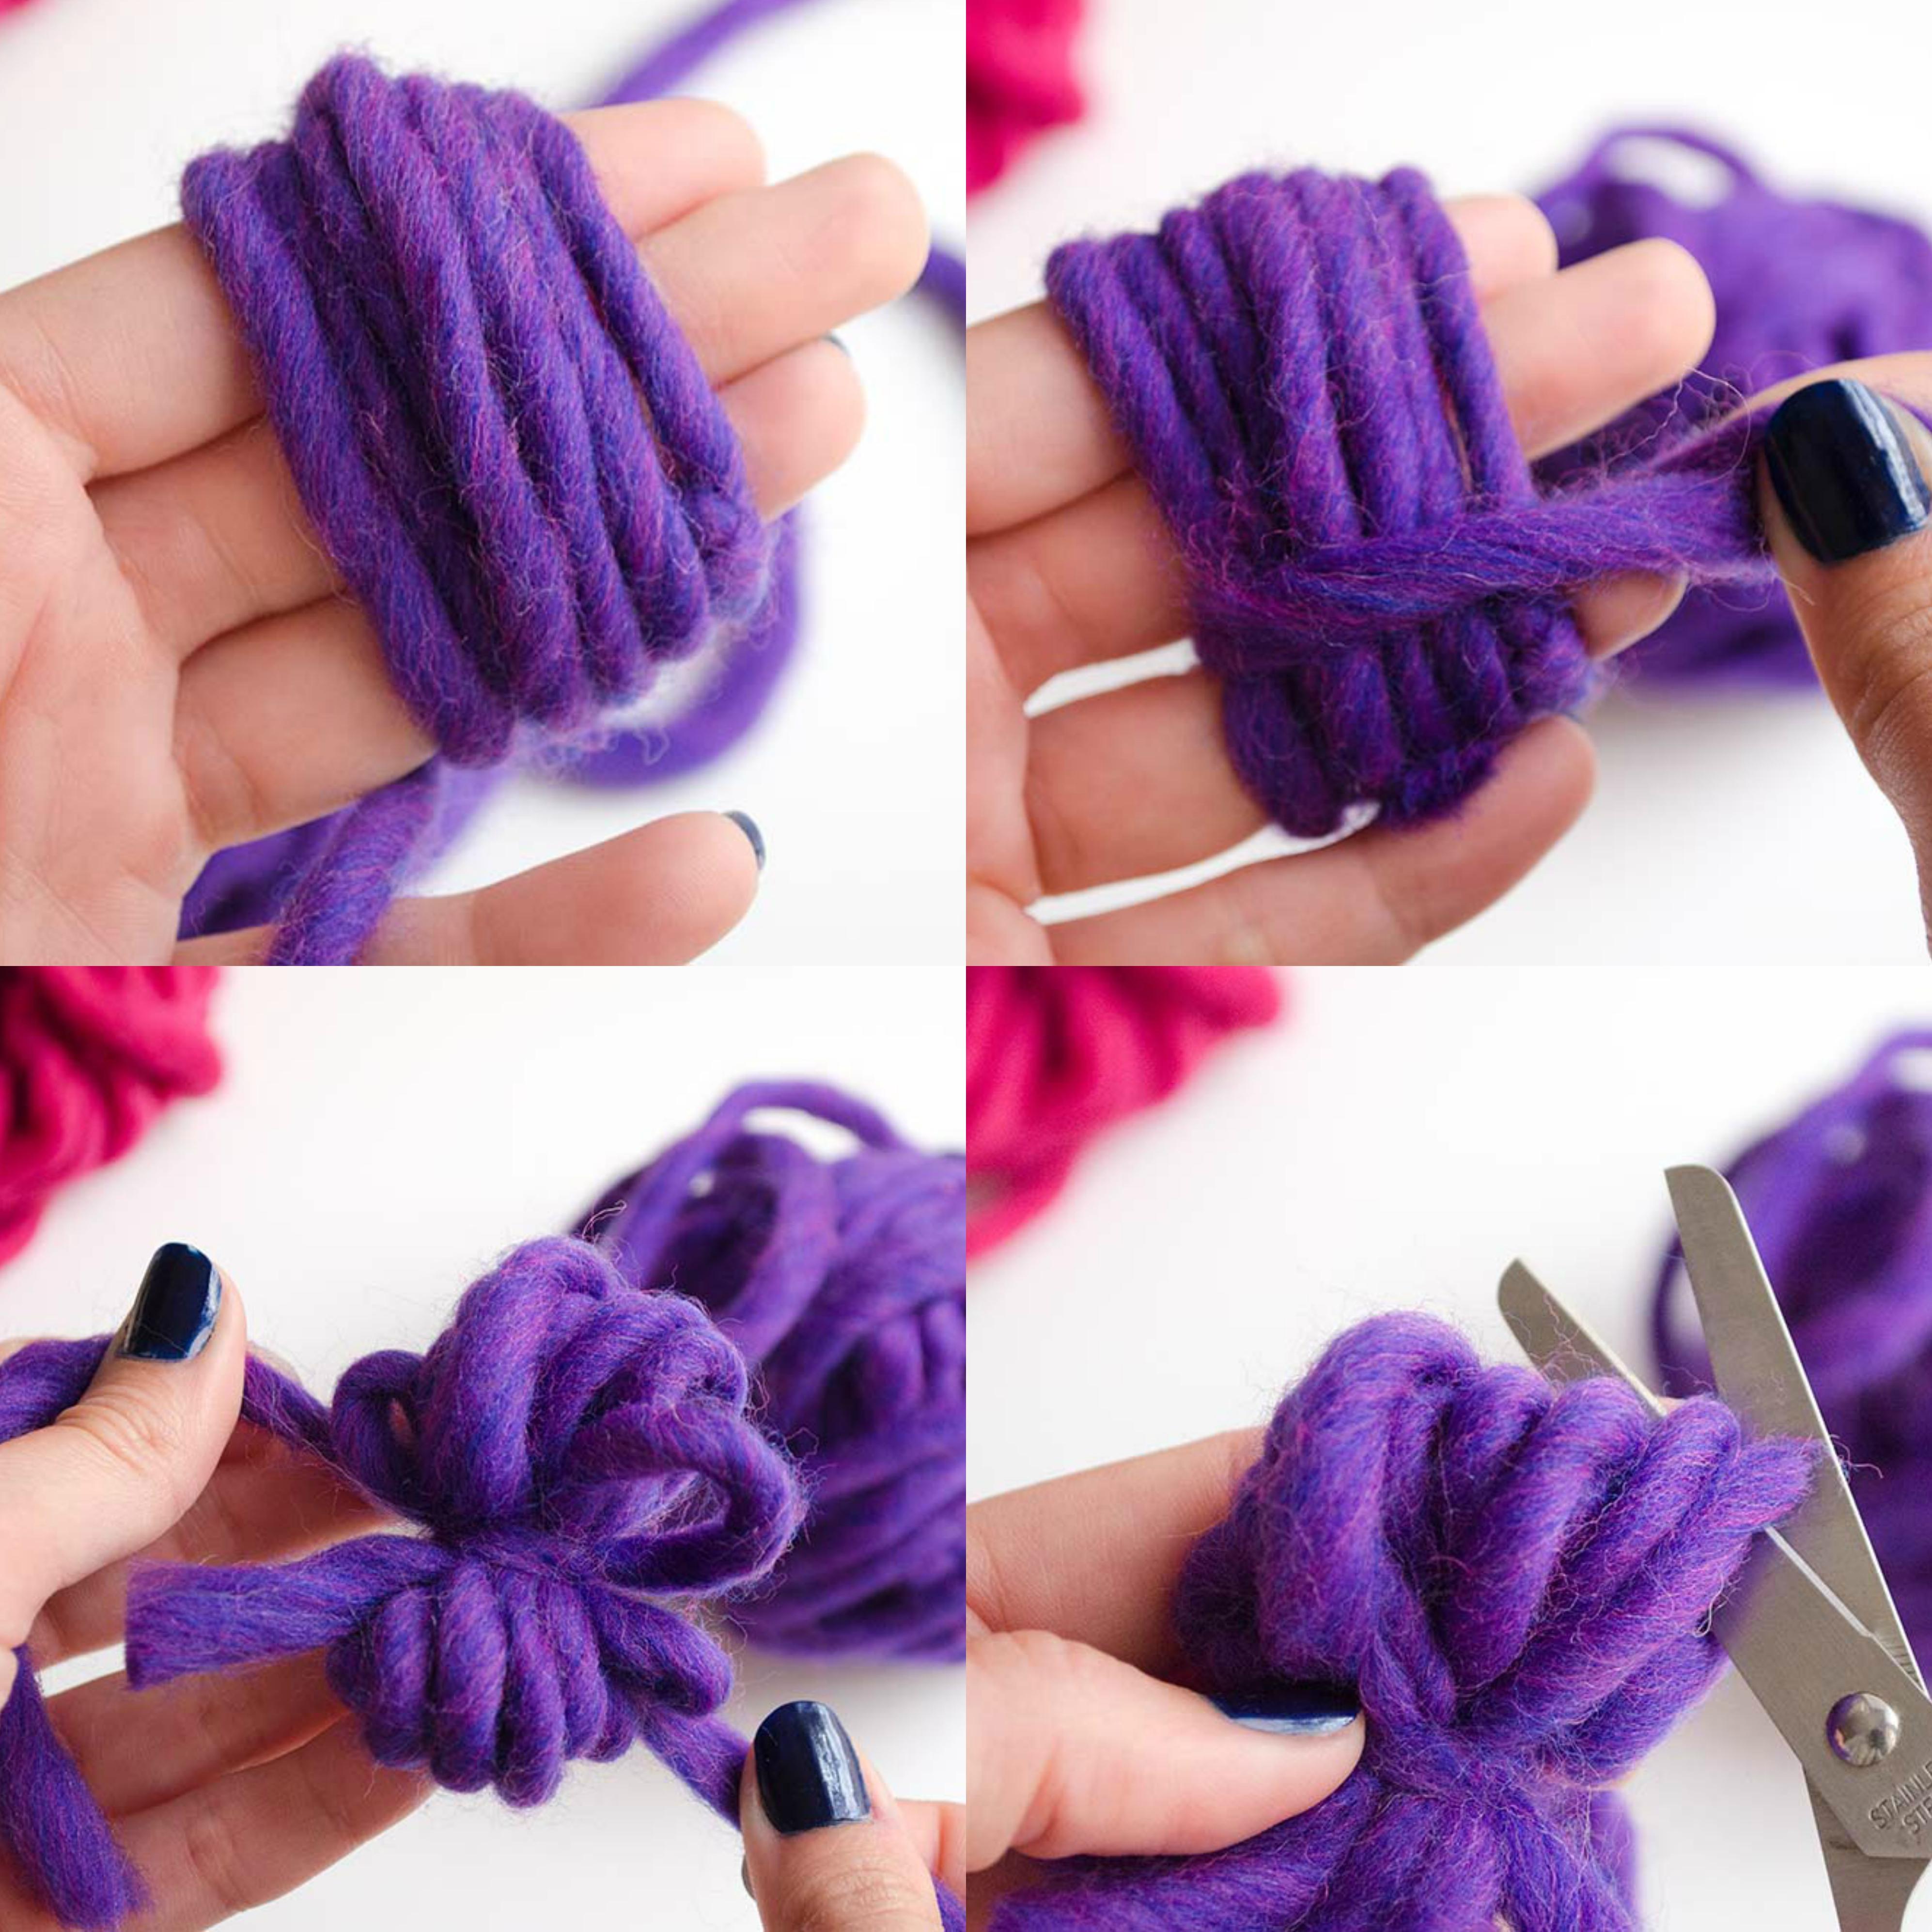 diferentes métodos para hacer un pompon de lana en color lila, como hacer pompones con lana, ideas faciles para niños y adultos,